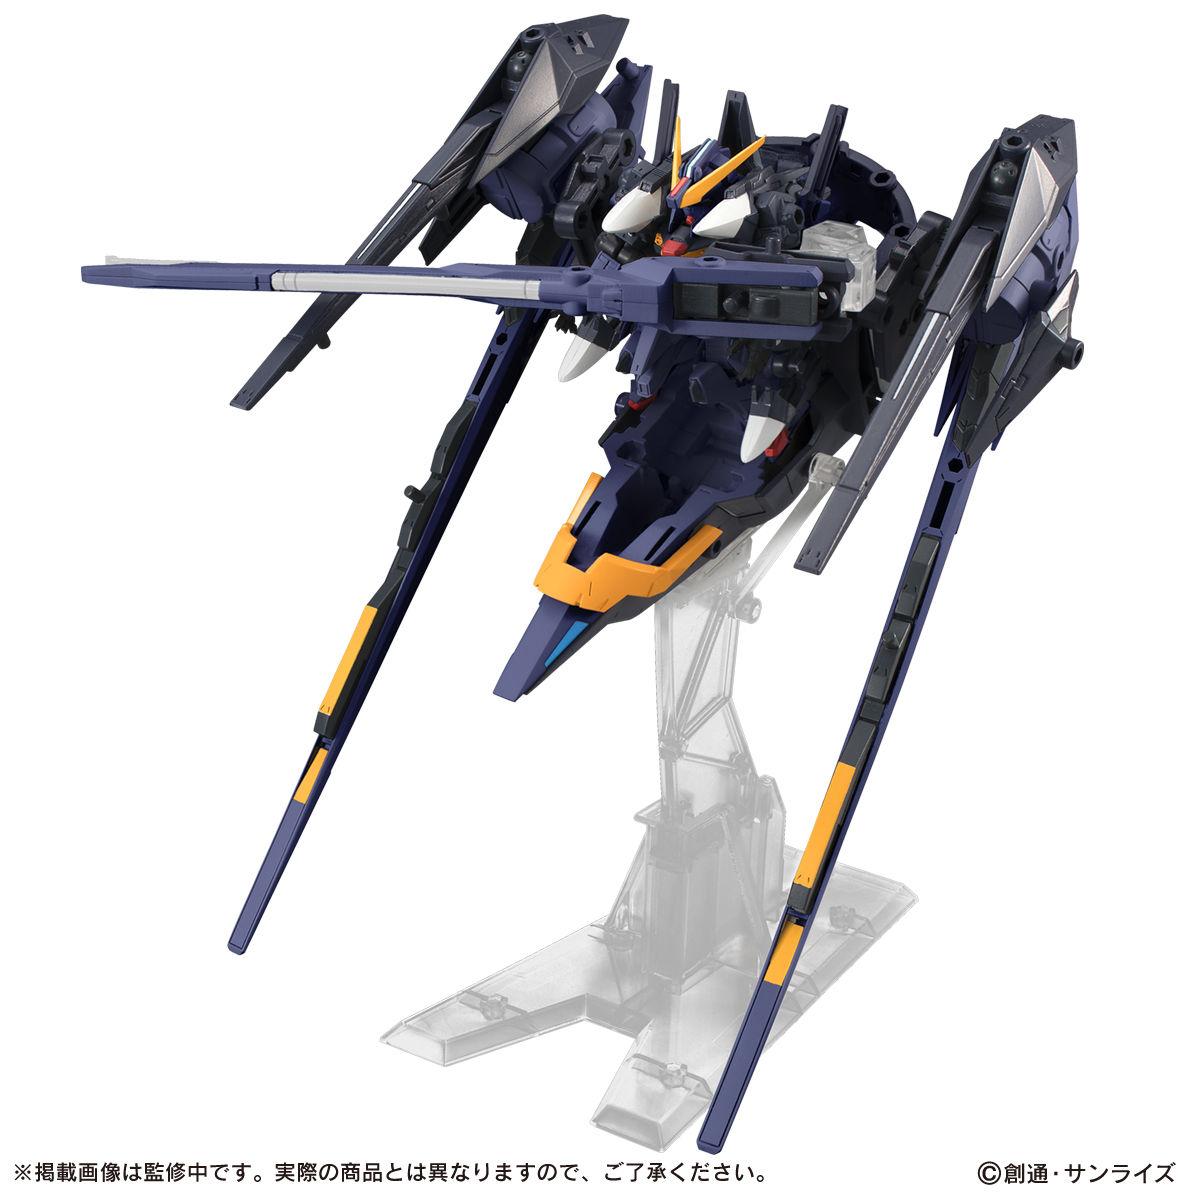 【限定販売】MOBILE SUIT ENSEMBLE『EX22 TR-6 インレ(ティターンズカラー)』デフォルメ可動フィギュア-007